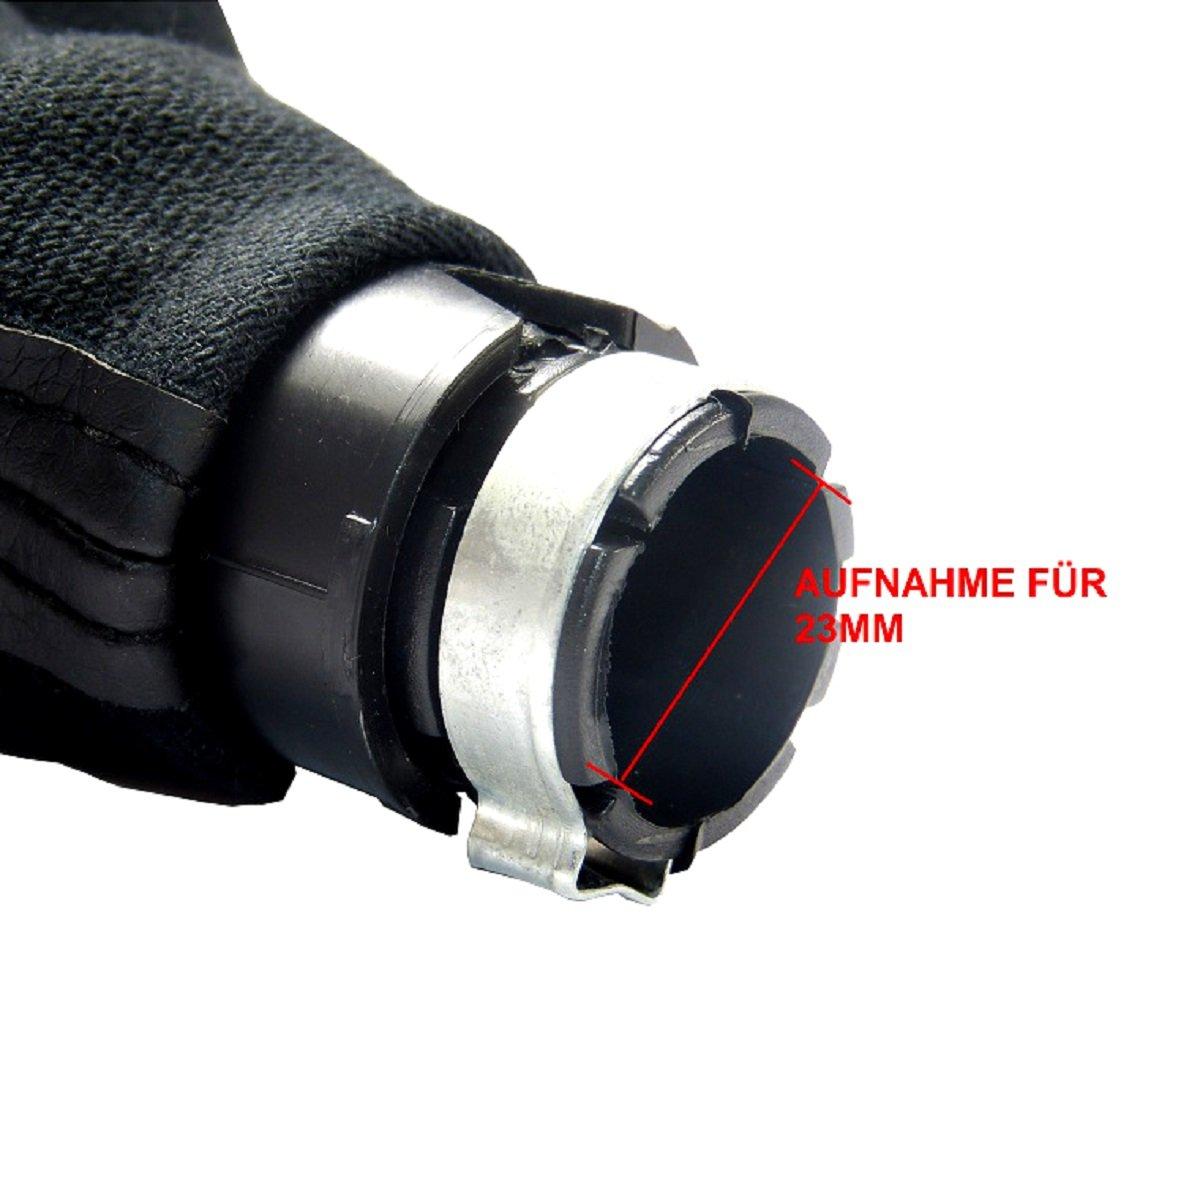 L/&P A251-12 Schaltsack Schaltmanschette Schwarz Naht Blau Schaltknauf Chrom Rahmen mit 5 Gang mit 23mm Knauf als Plug Play Ersatzteil f/ür 1J0711113